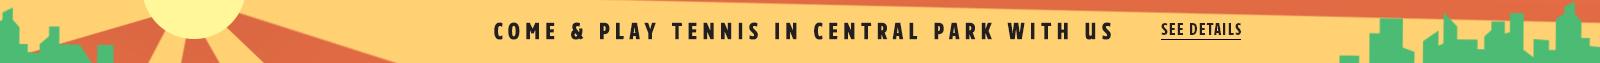 20150811-city-park-banner.jpg